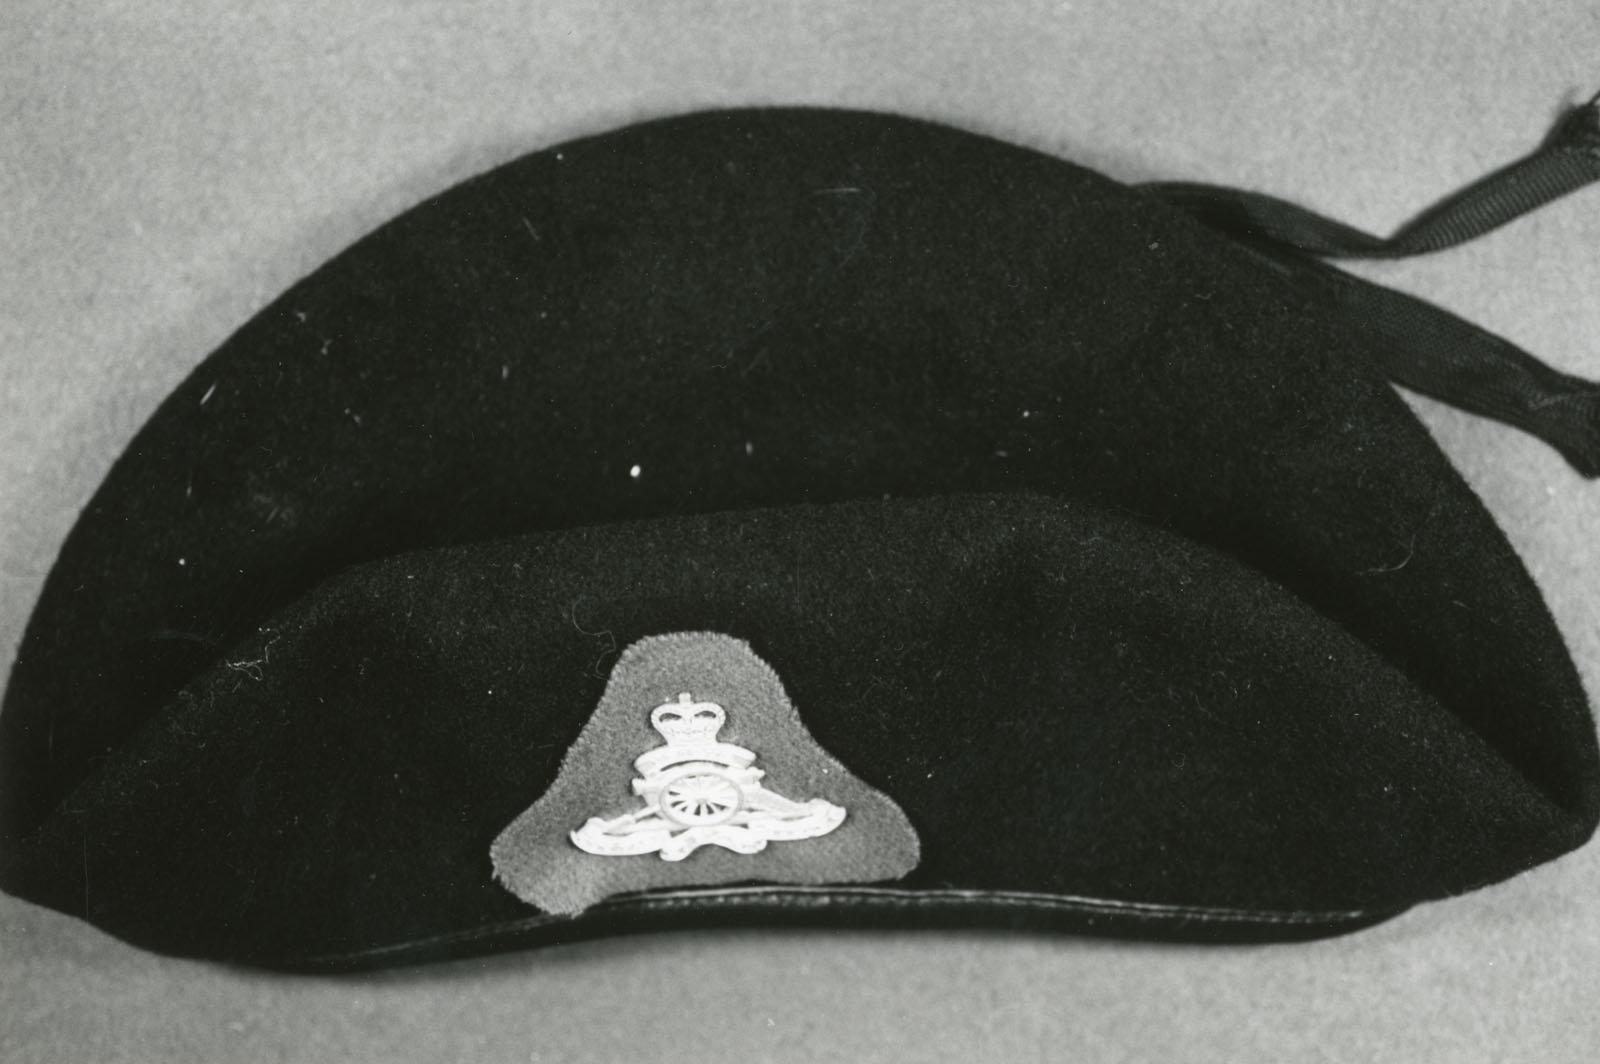 Beret from World War II